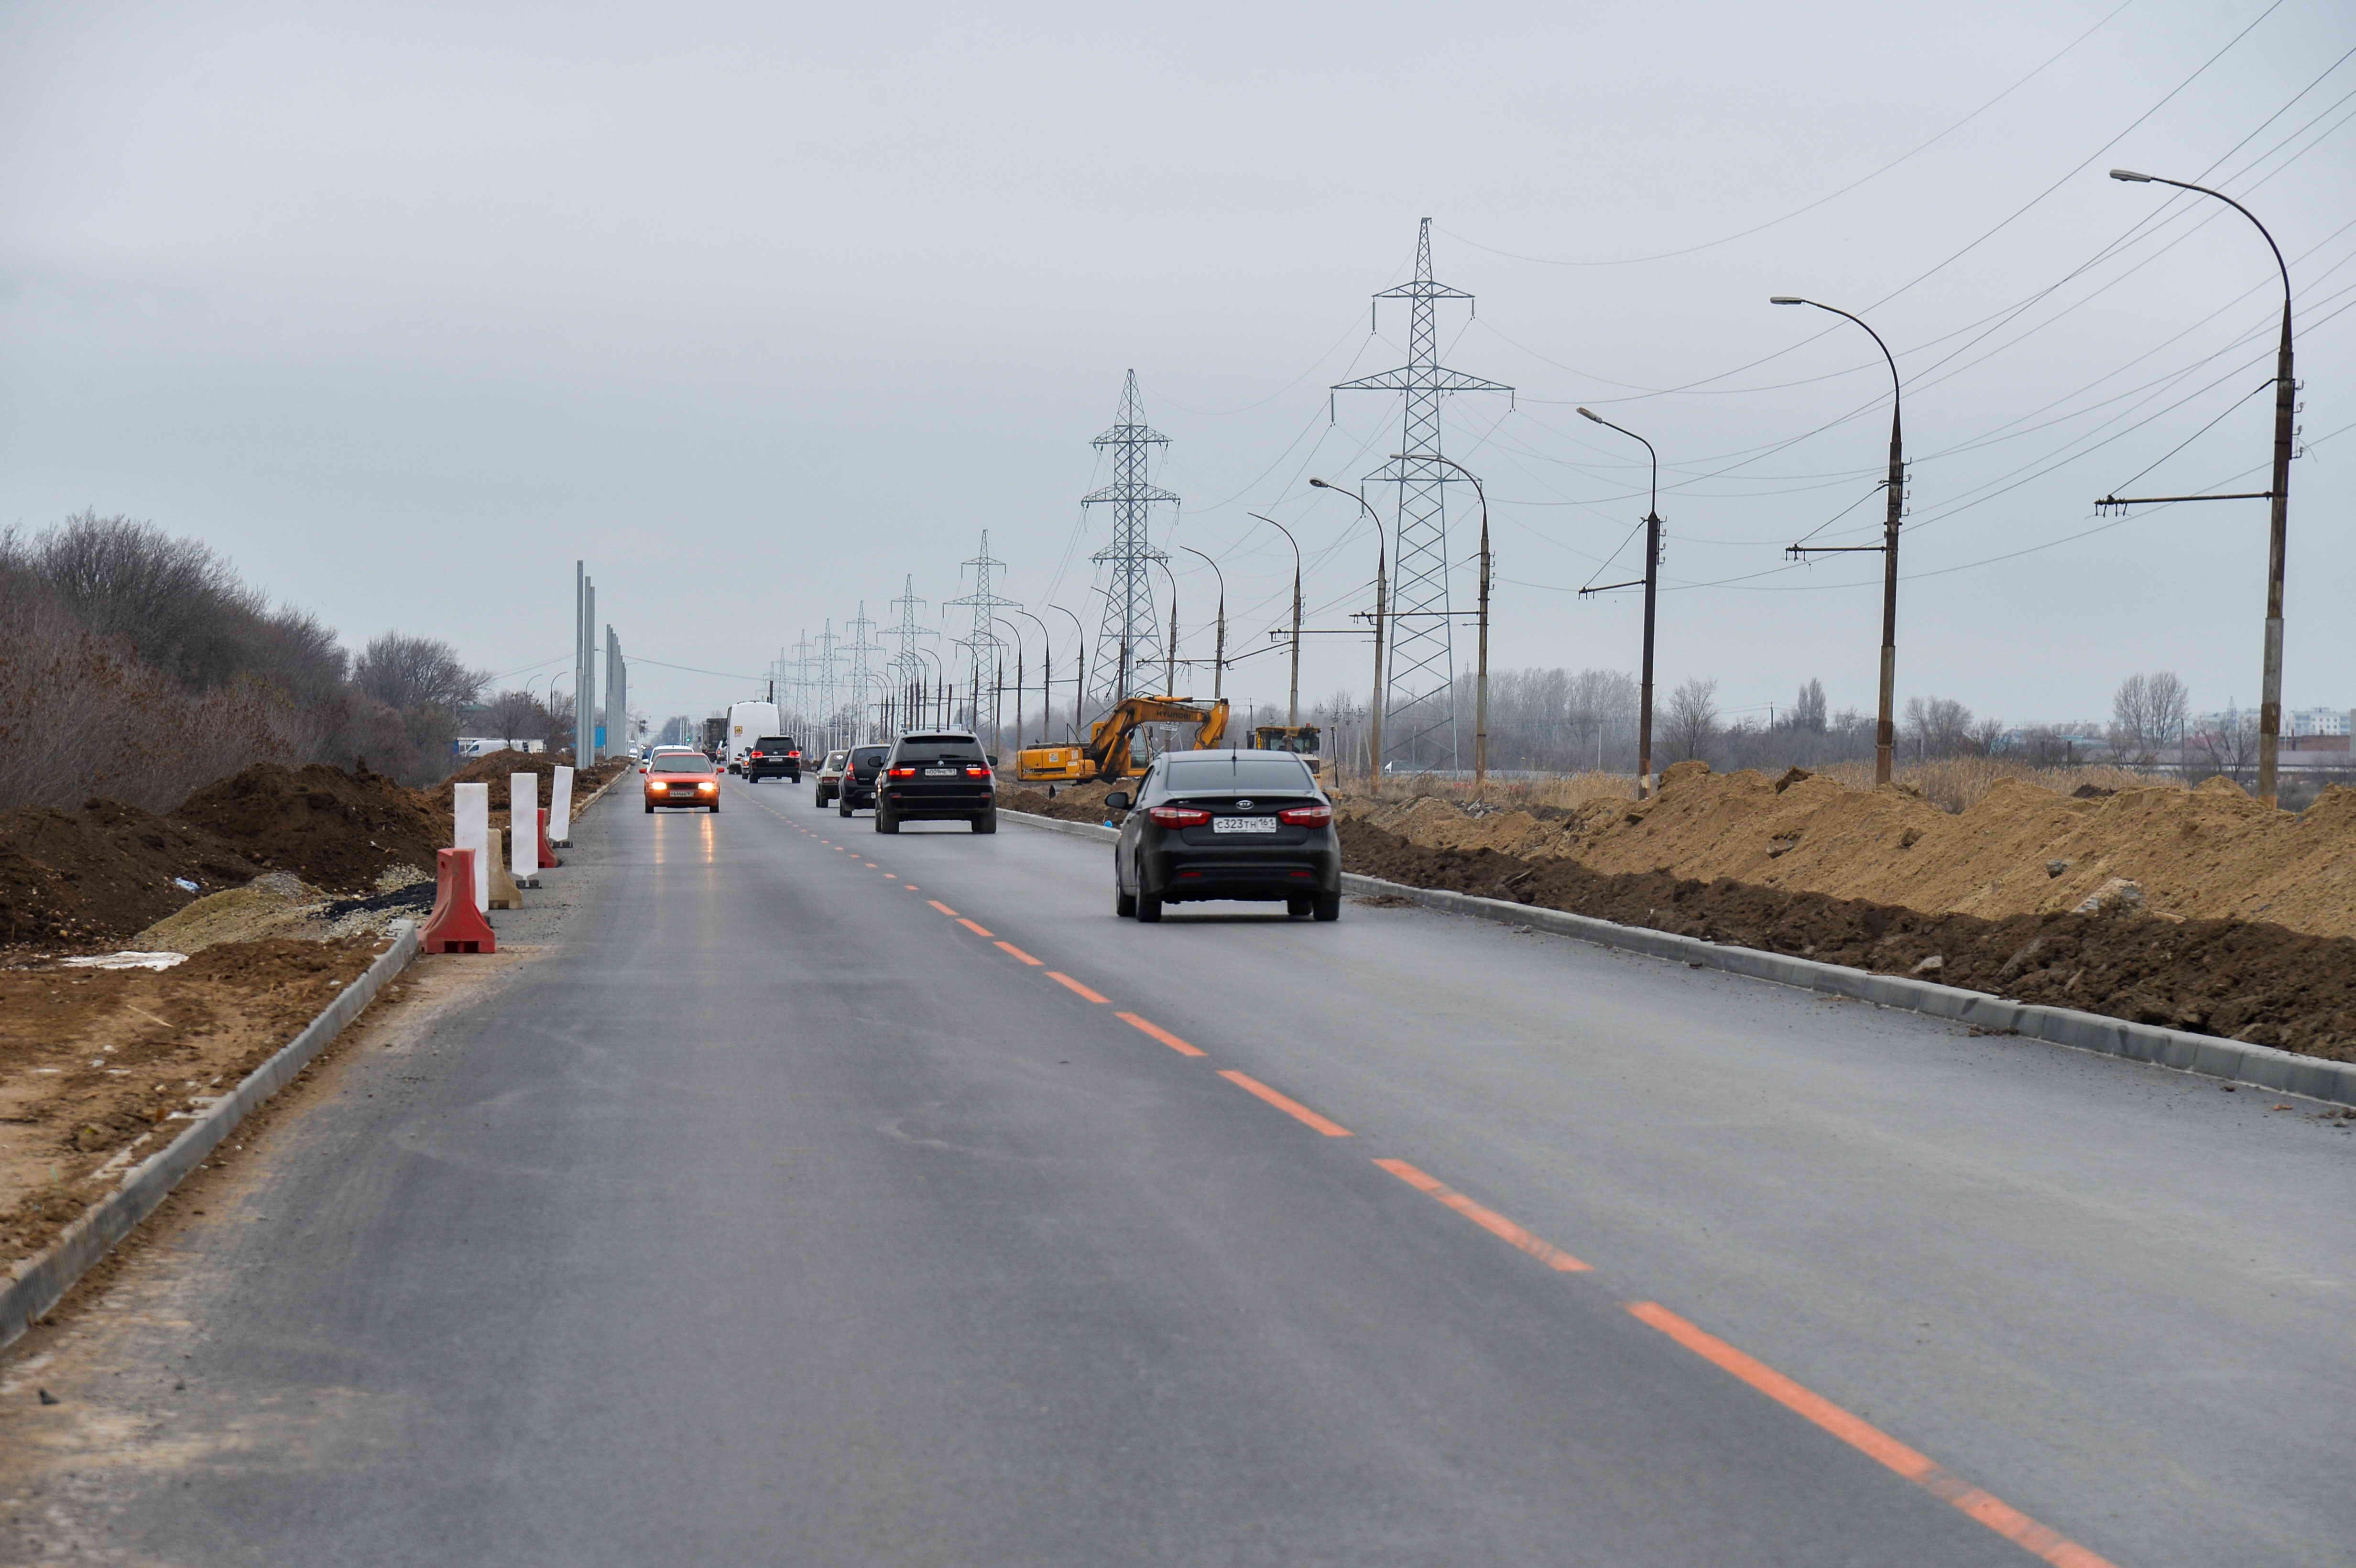 Реконструкция стратегически важной для региона дороги завершится к 2022 году